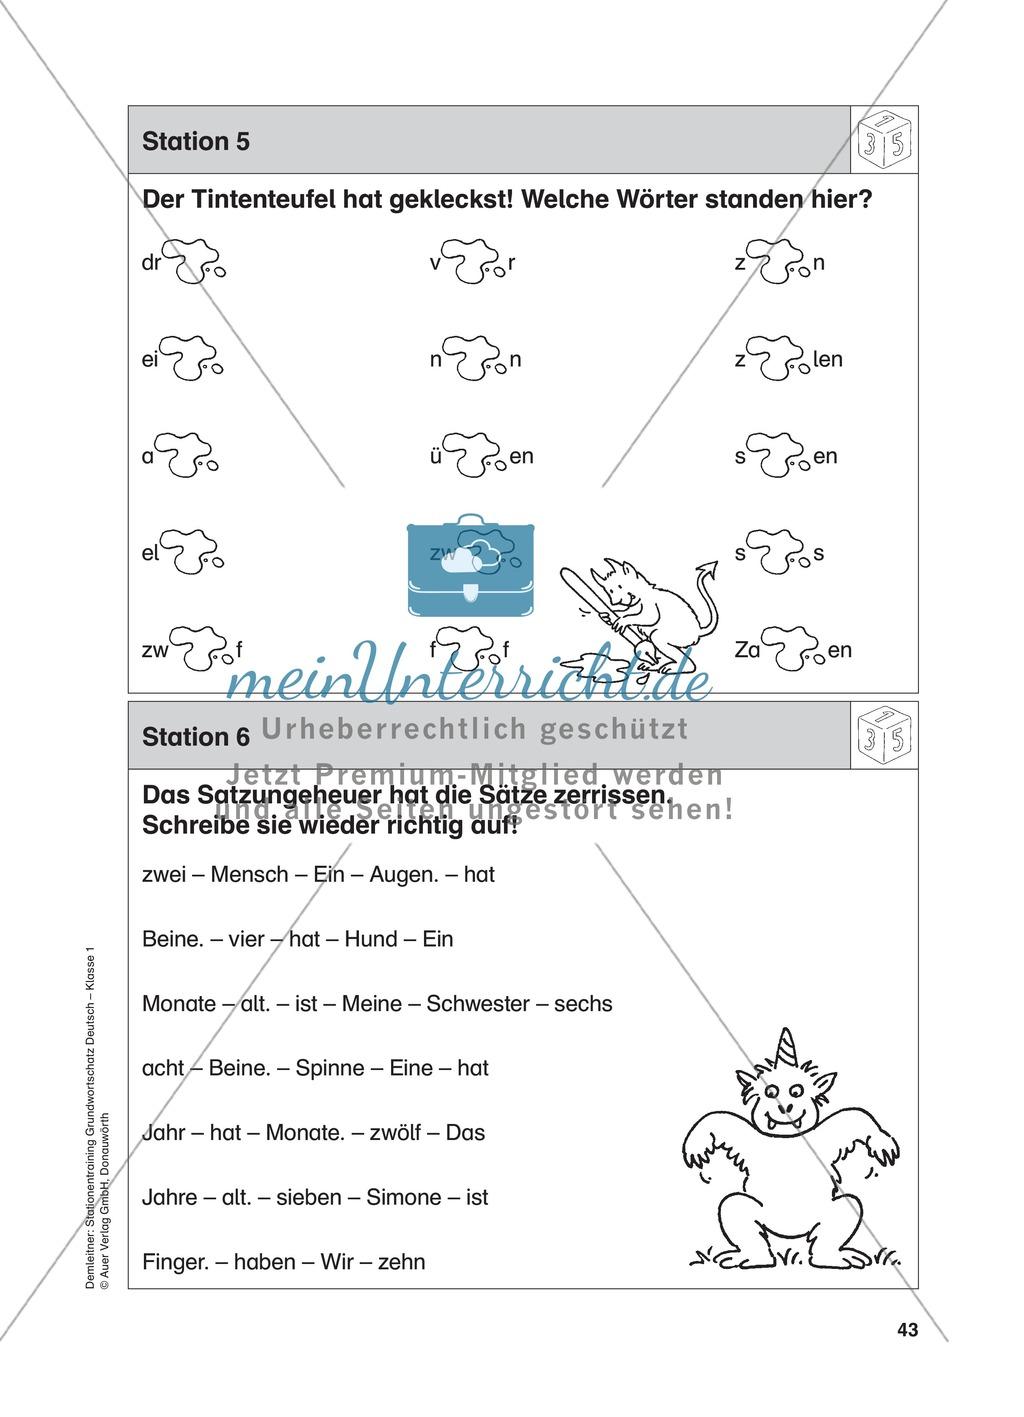 Großzügig Koordinatengeometrie Arbeitsblatt Jahr 10 Fotos - Super ...